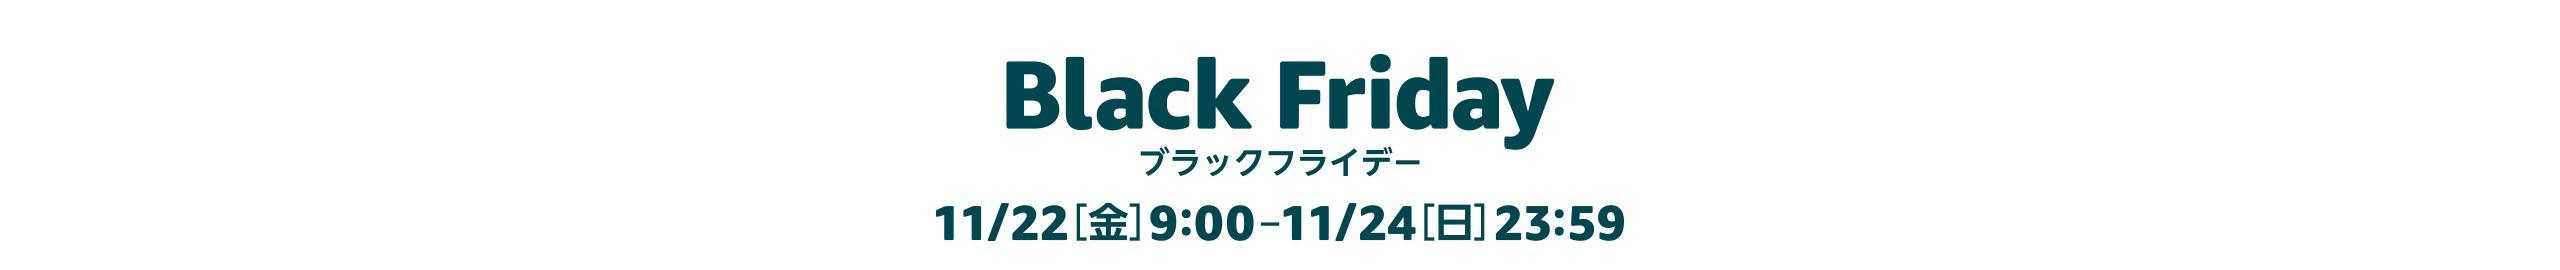 ブラックフライデー Black Friday Amazon初の日本開催